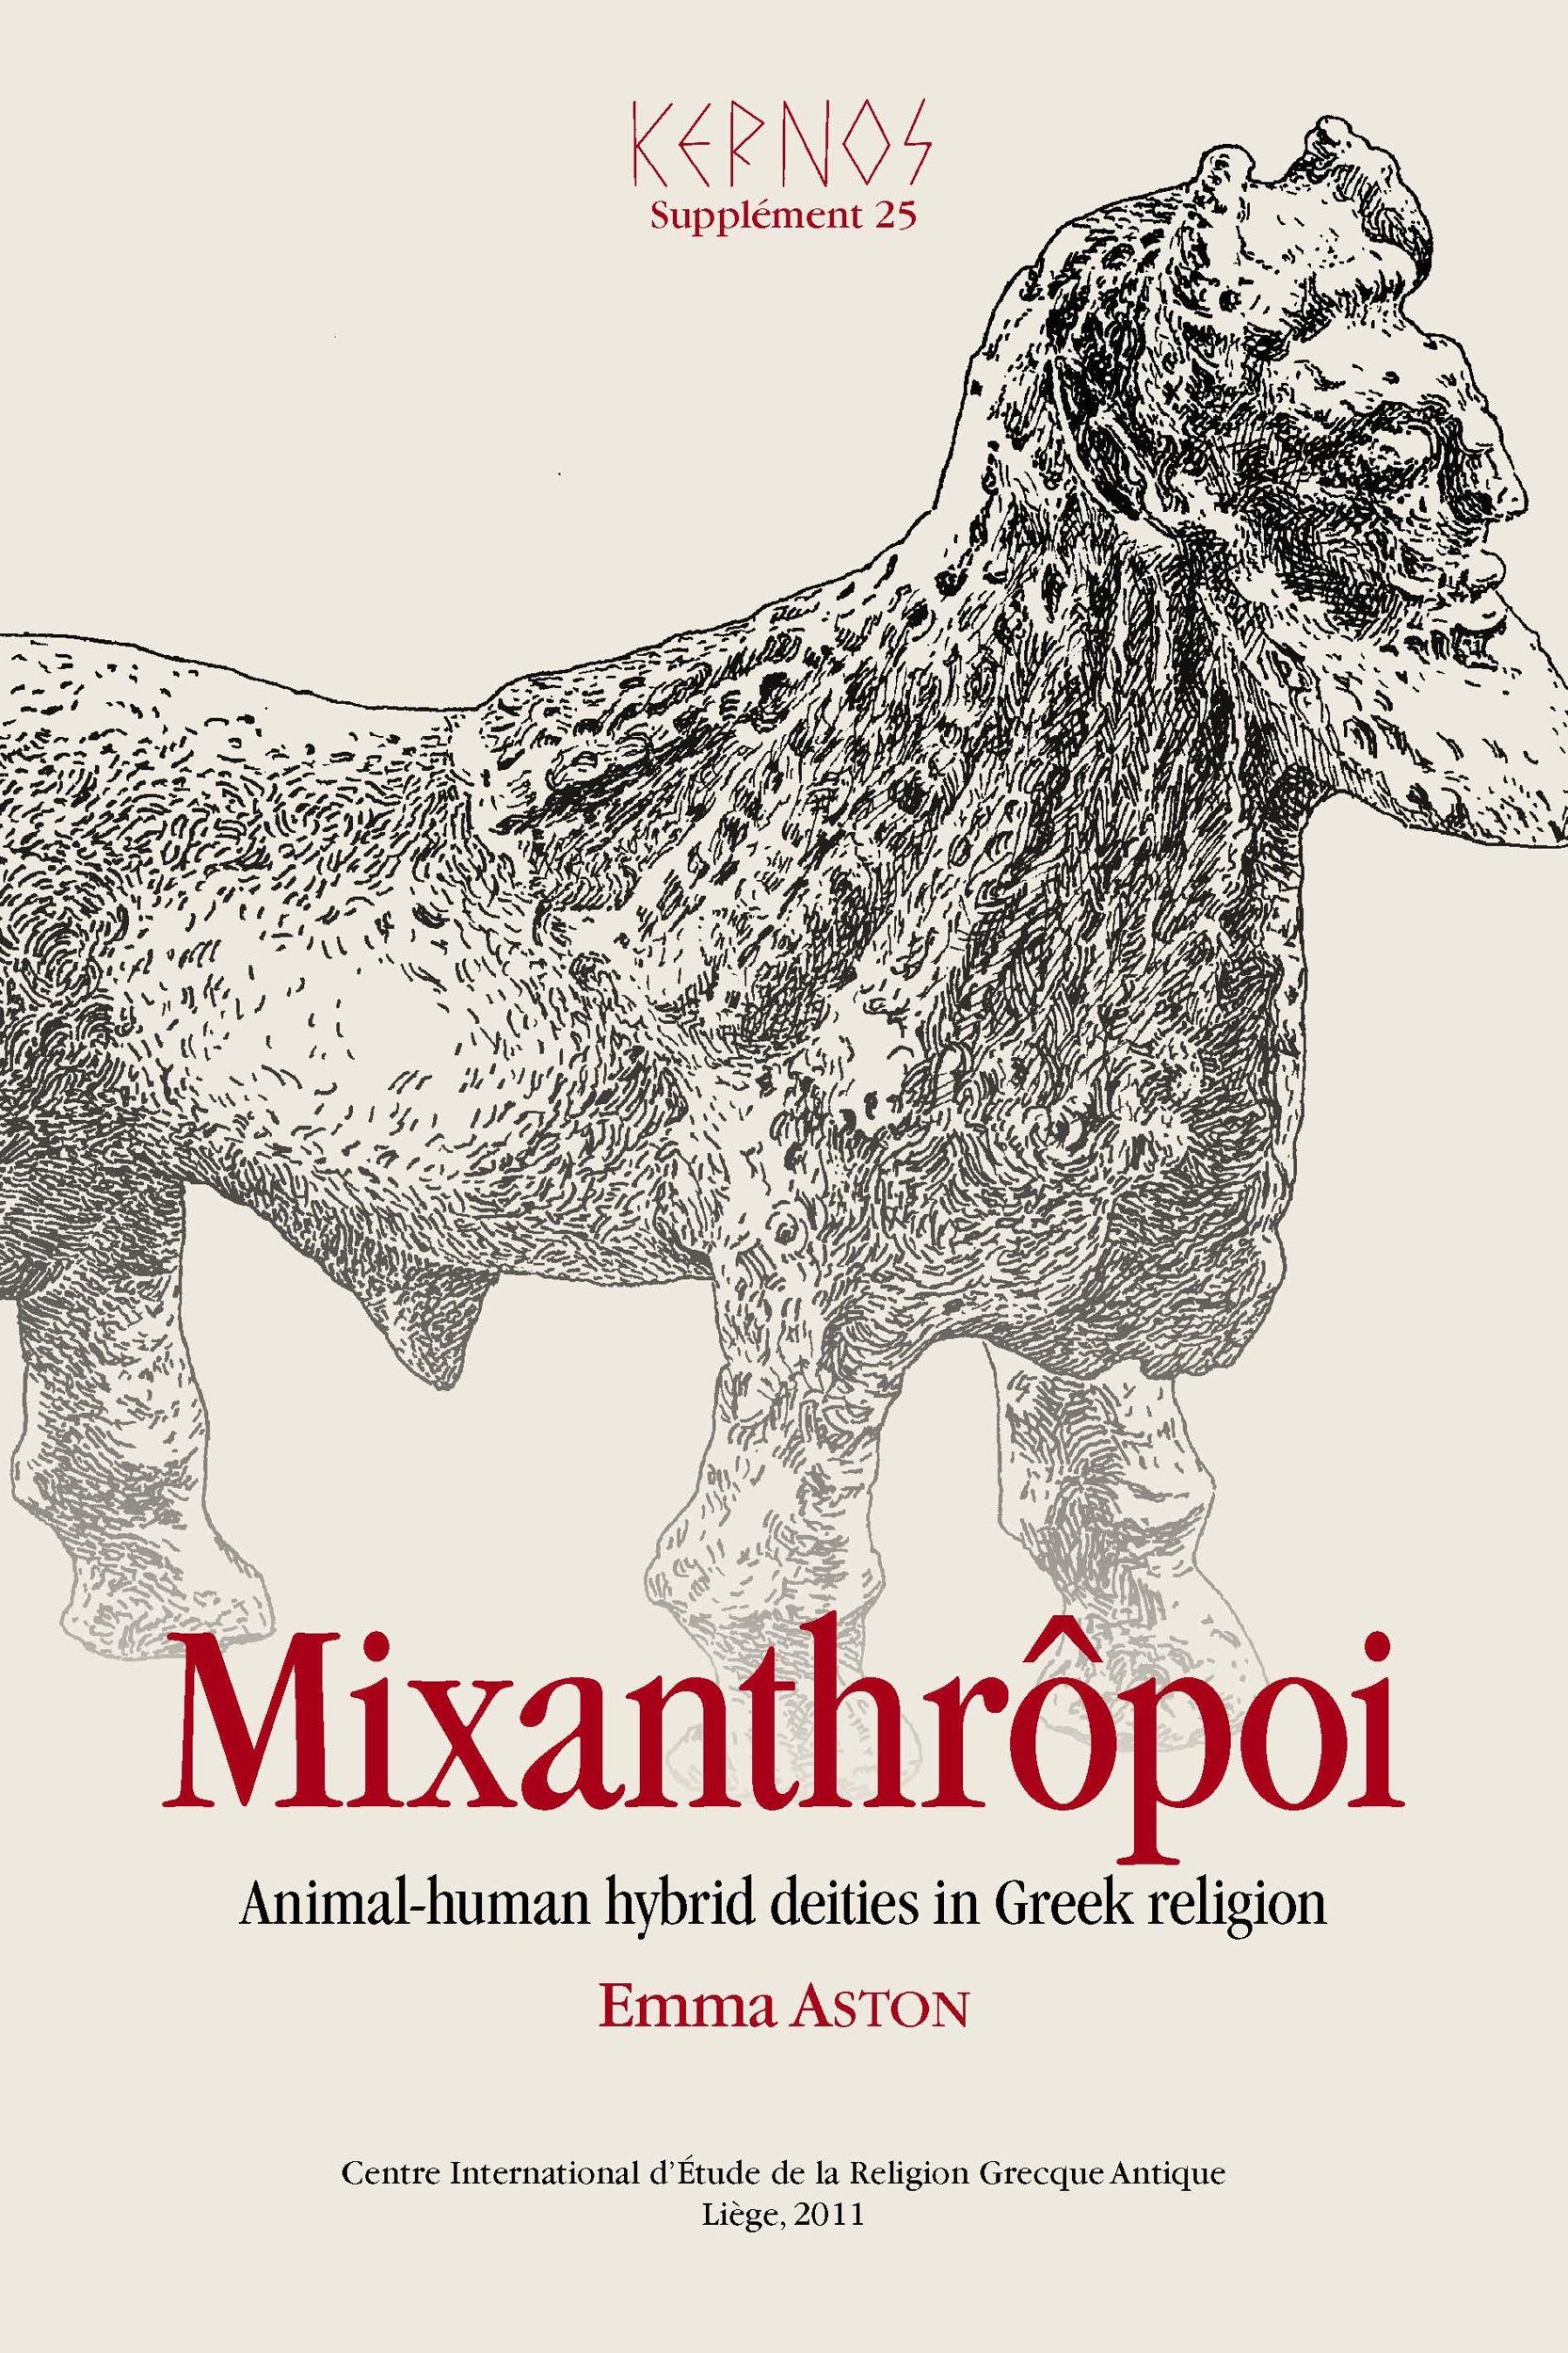 Mixanthropoi animal-human hybrid deities in greek religion